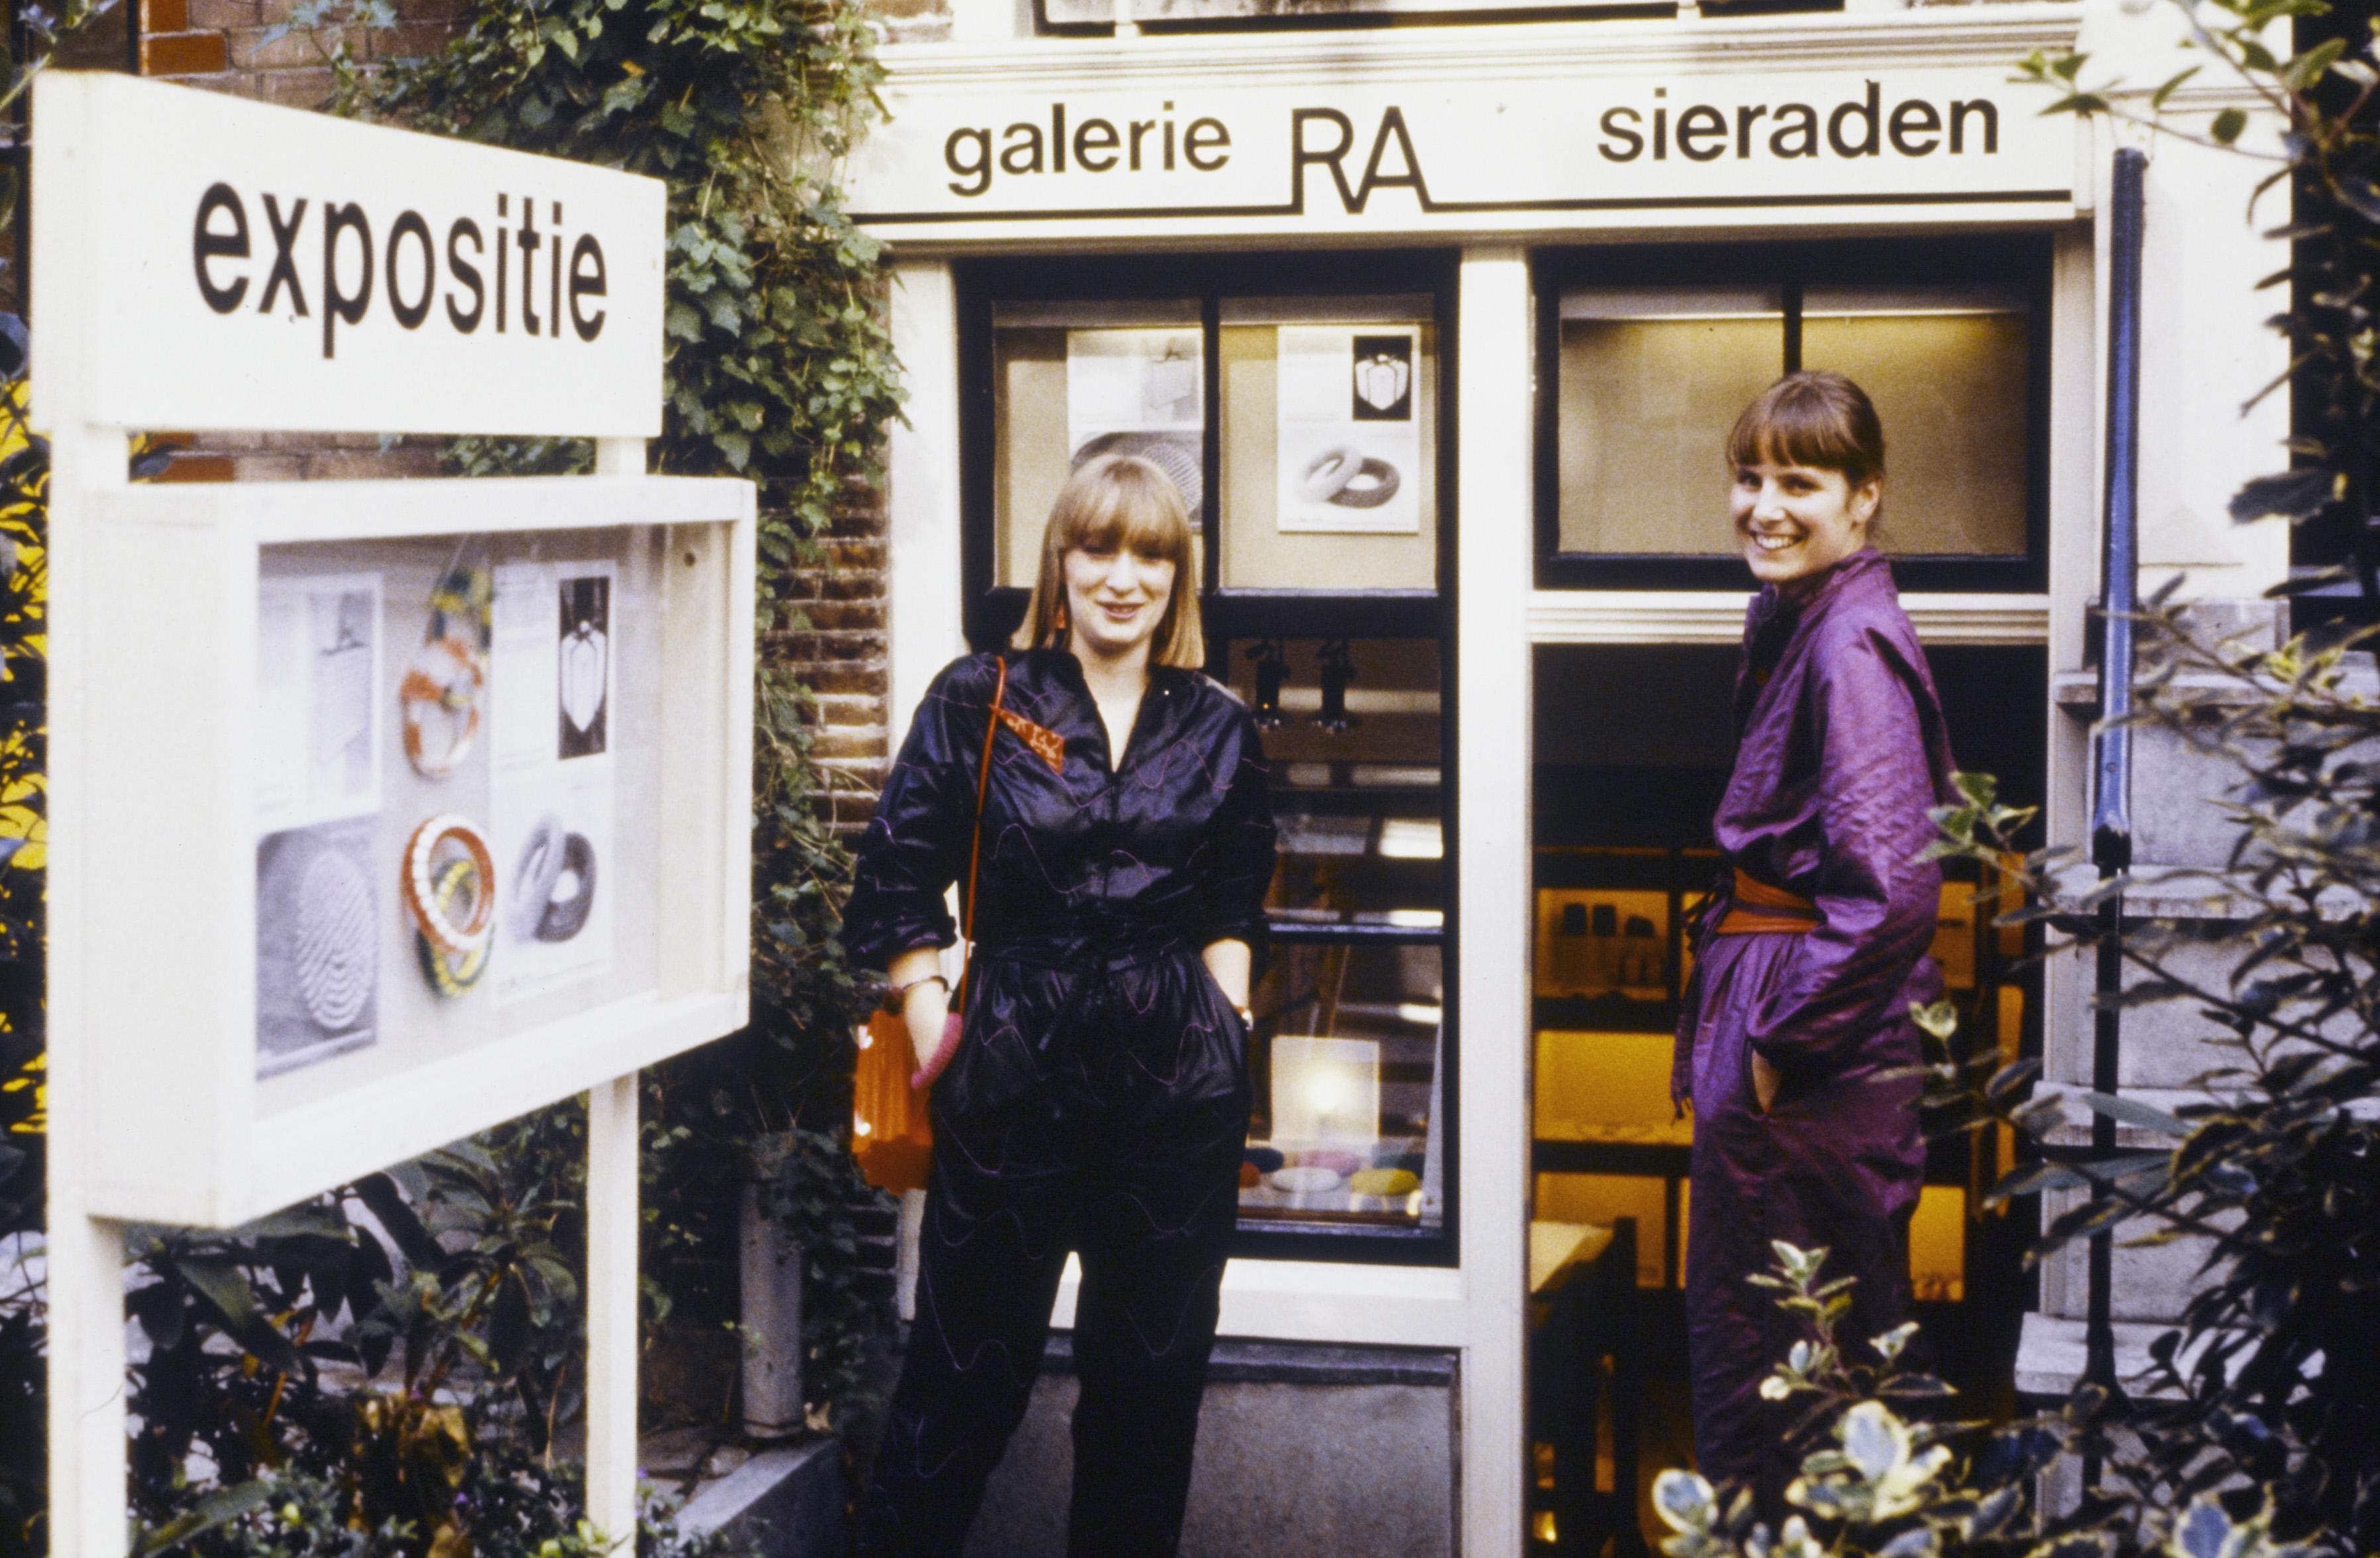 Galerie Ra, Lange Leidsedwarsstraat 178 met Marga Staartjes en Maria Hees. Foto met dank aan Galerie Ra ©